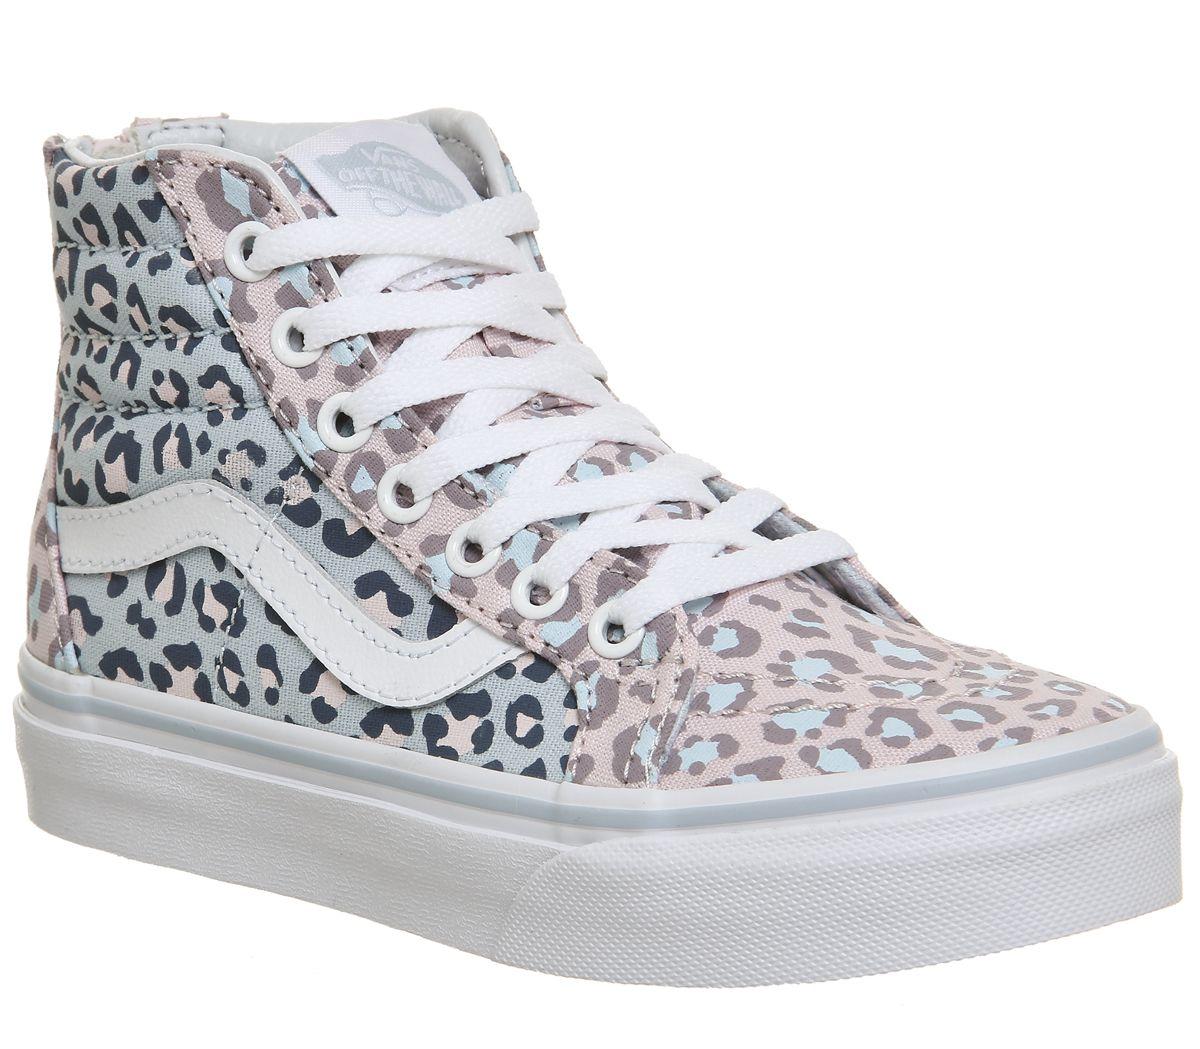 2d014e2aa5a9e0 Vans Sk8 Hi Kids Chalk Pink Baby Blue Leopard - Unisex